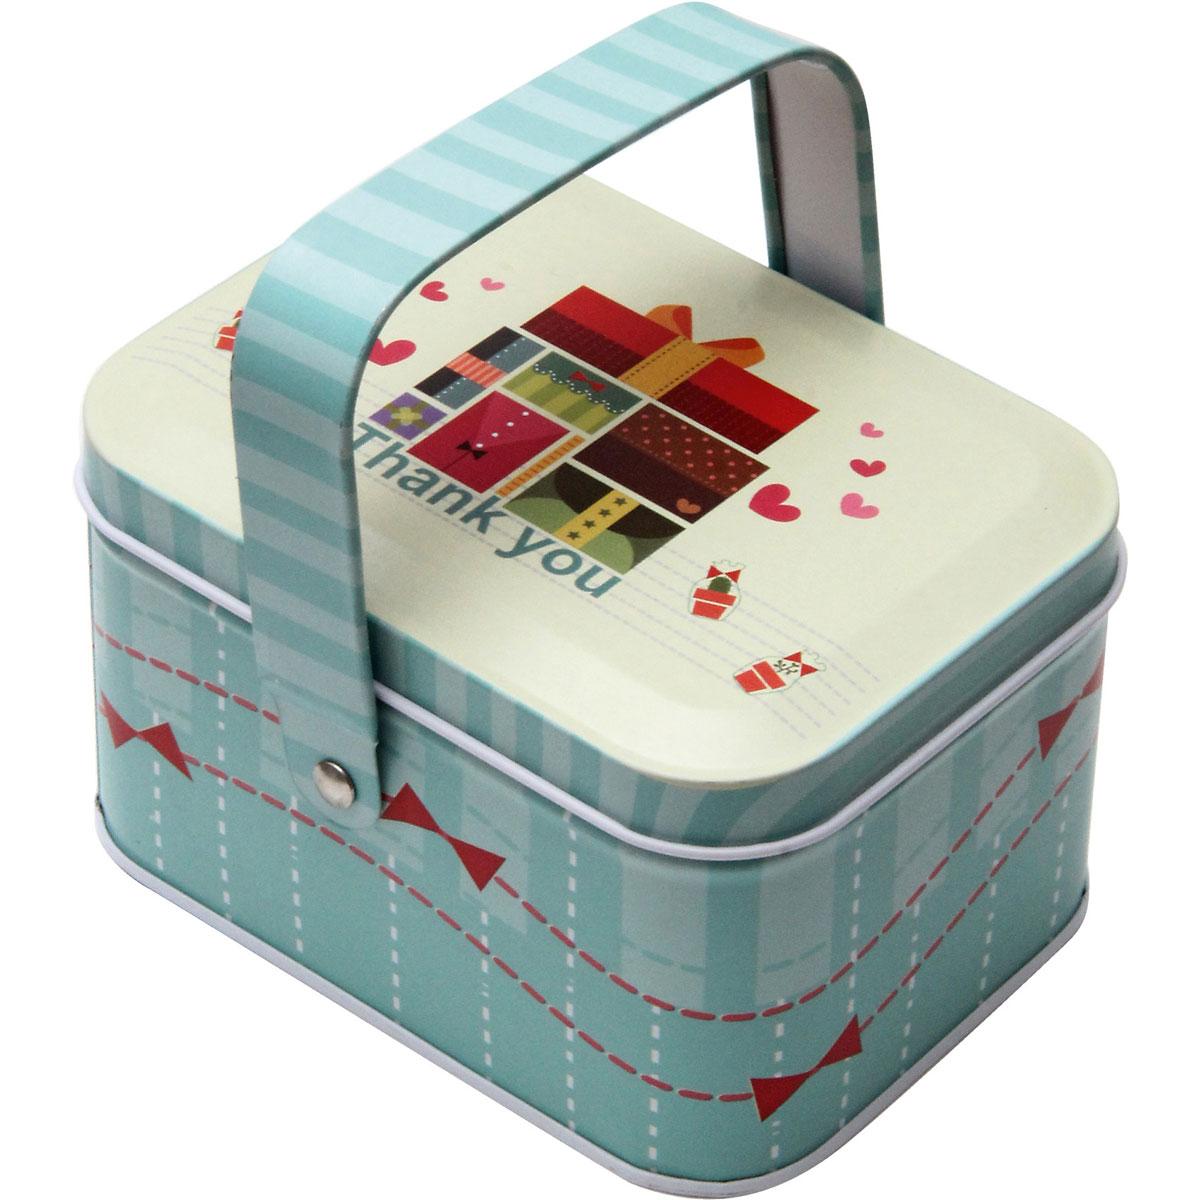 Коробка для хранения мелочей Феникс-Презент Подарки, 10,5 x 8 x 6 см